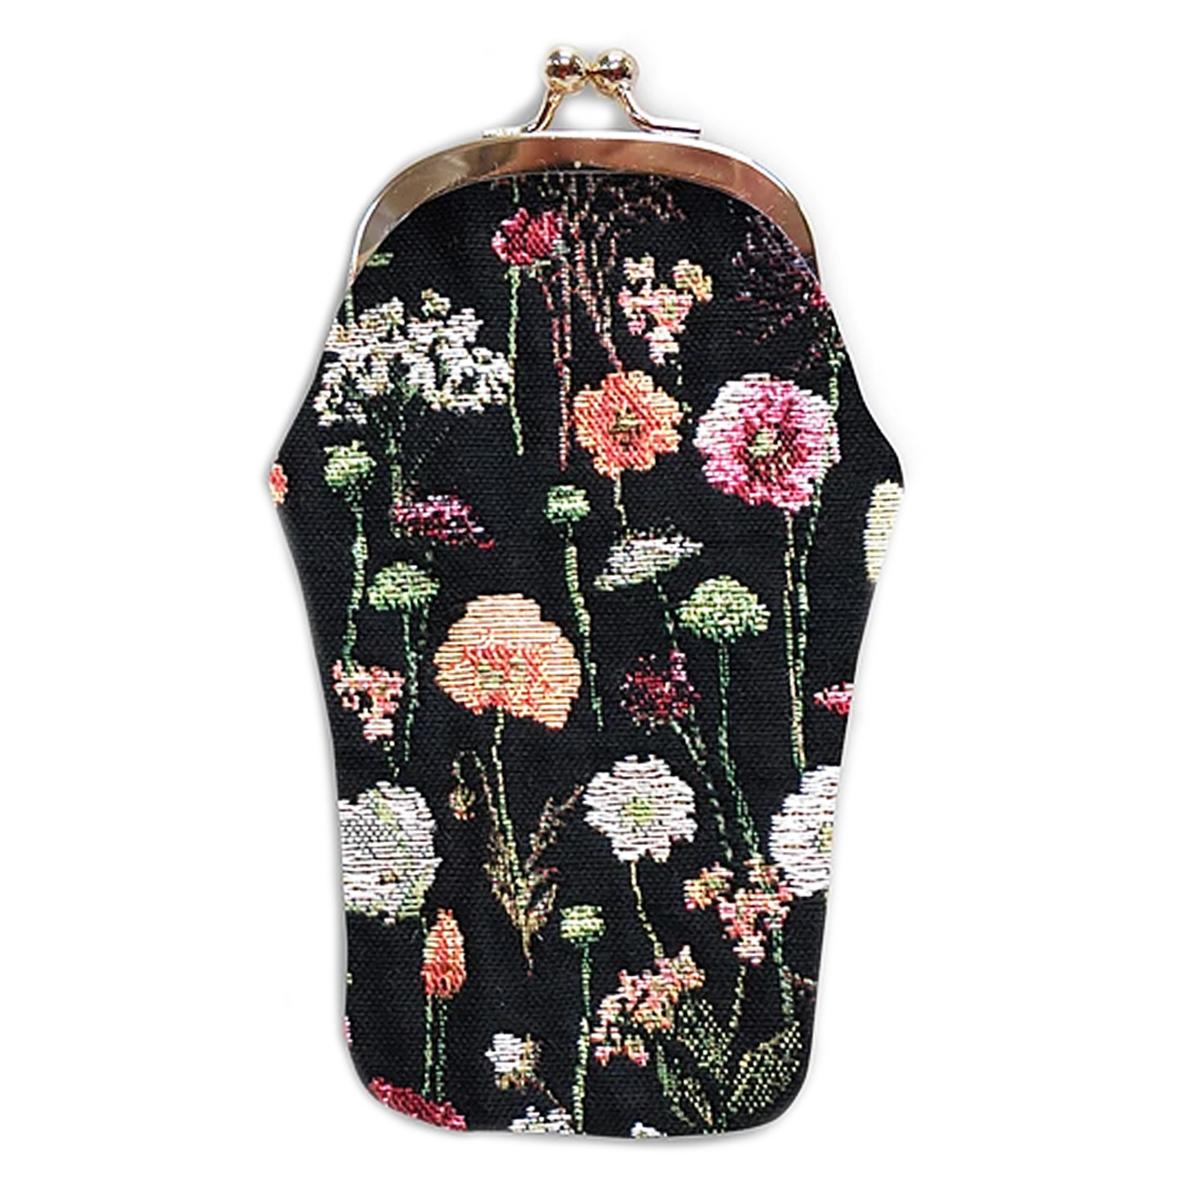 Etui à lunettes artisanal \'Royal Tapisserie\' noir multicolore (Fleurs en hiver)  - 18x8 cm - [Q6383]